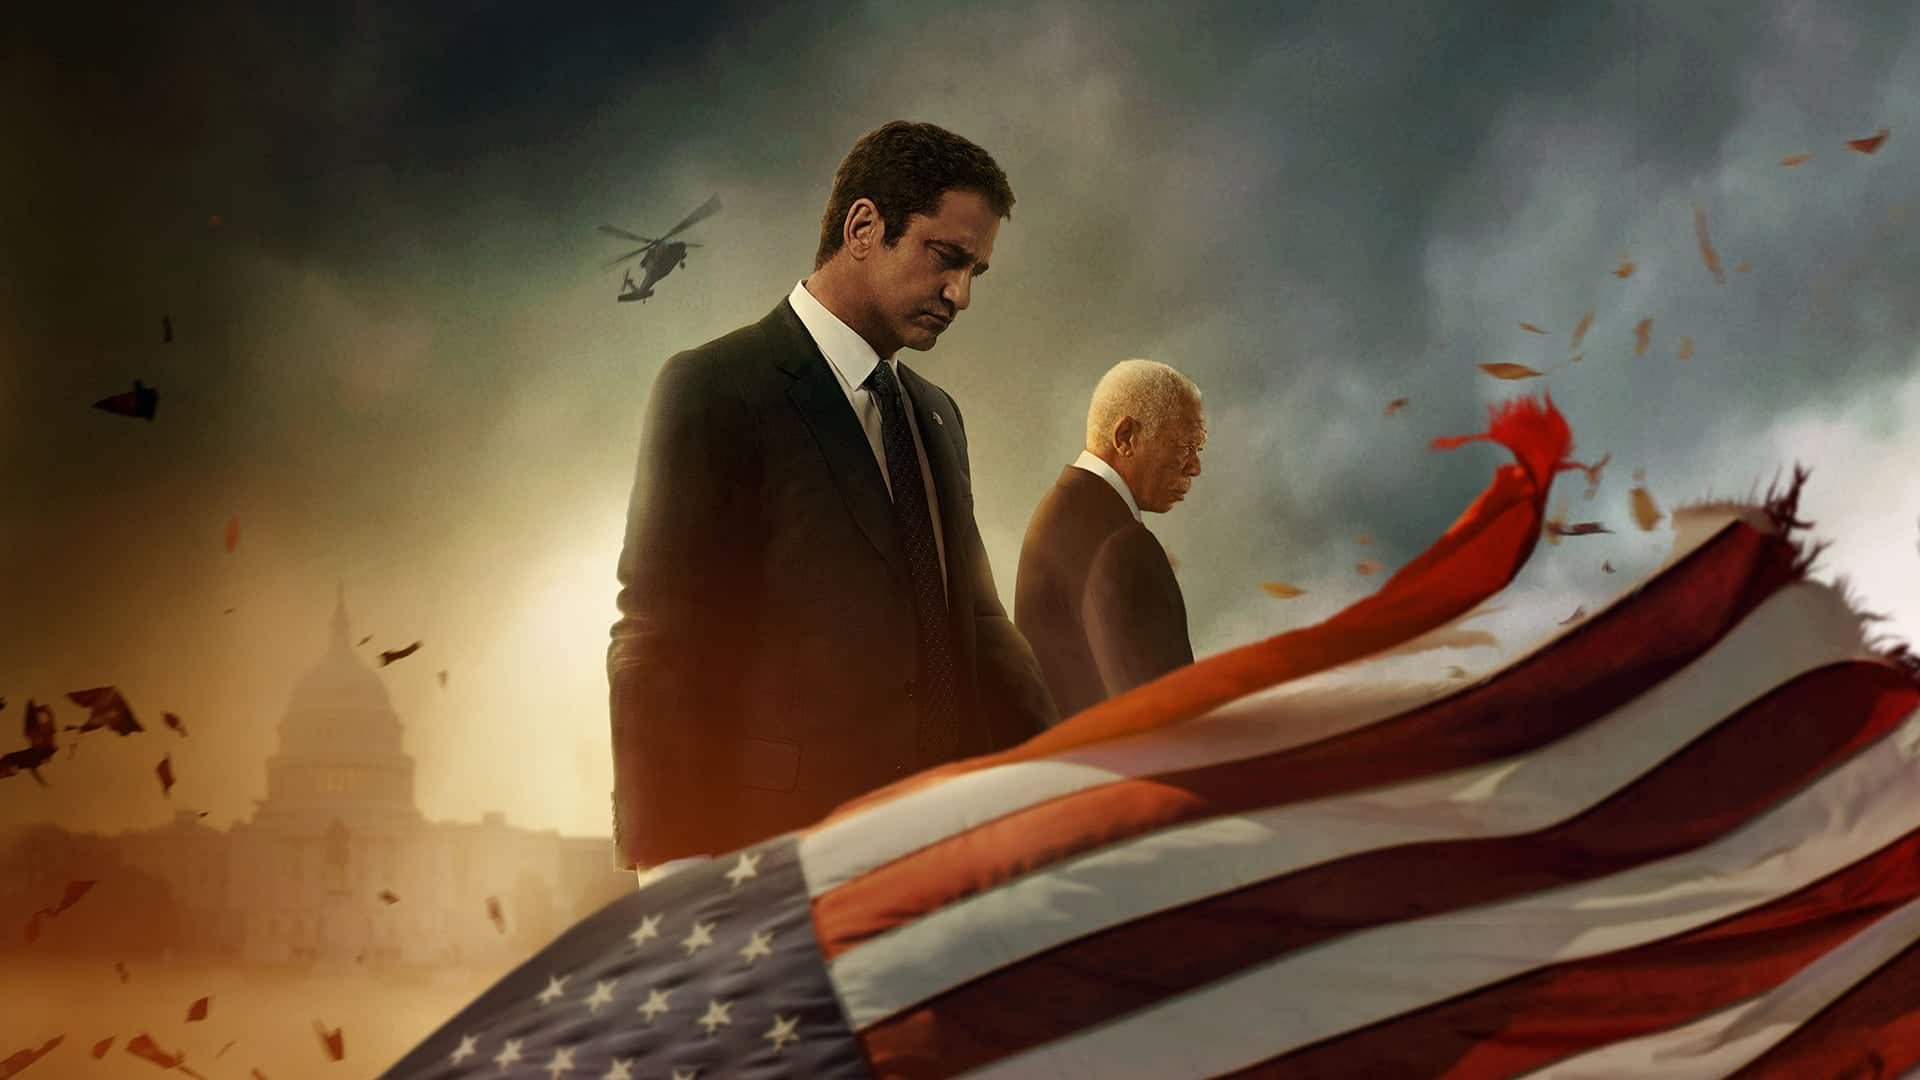 Filme - Invasão ao Serviço Secreto